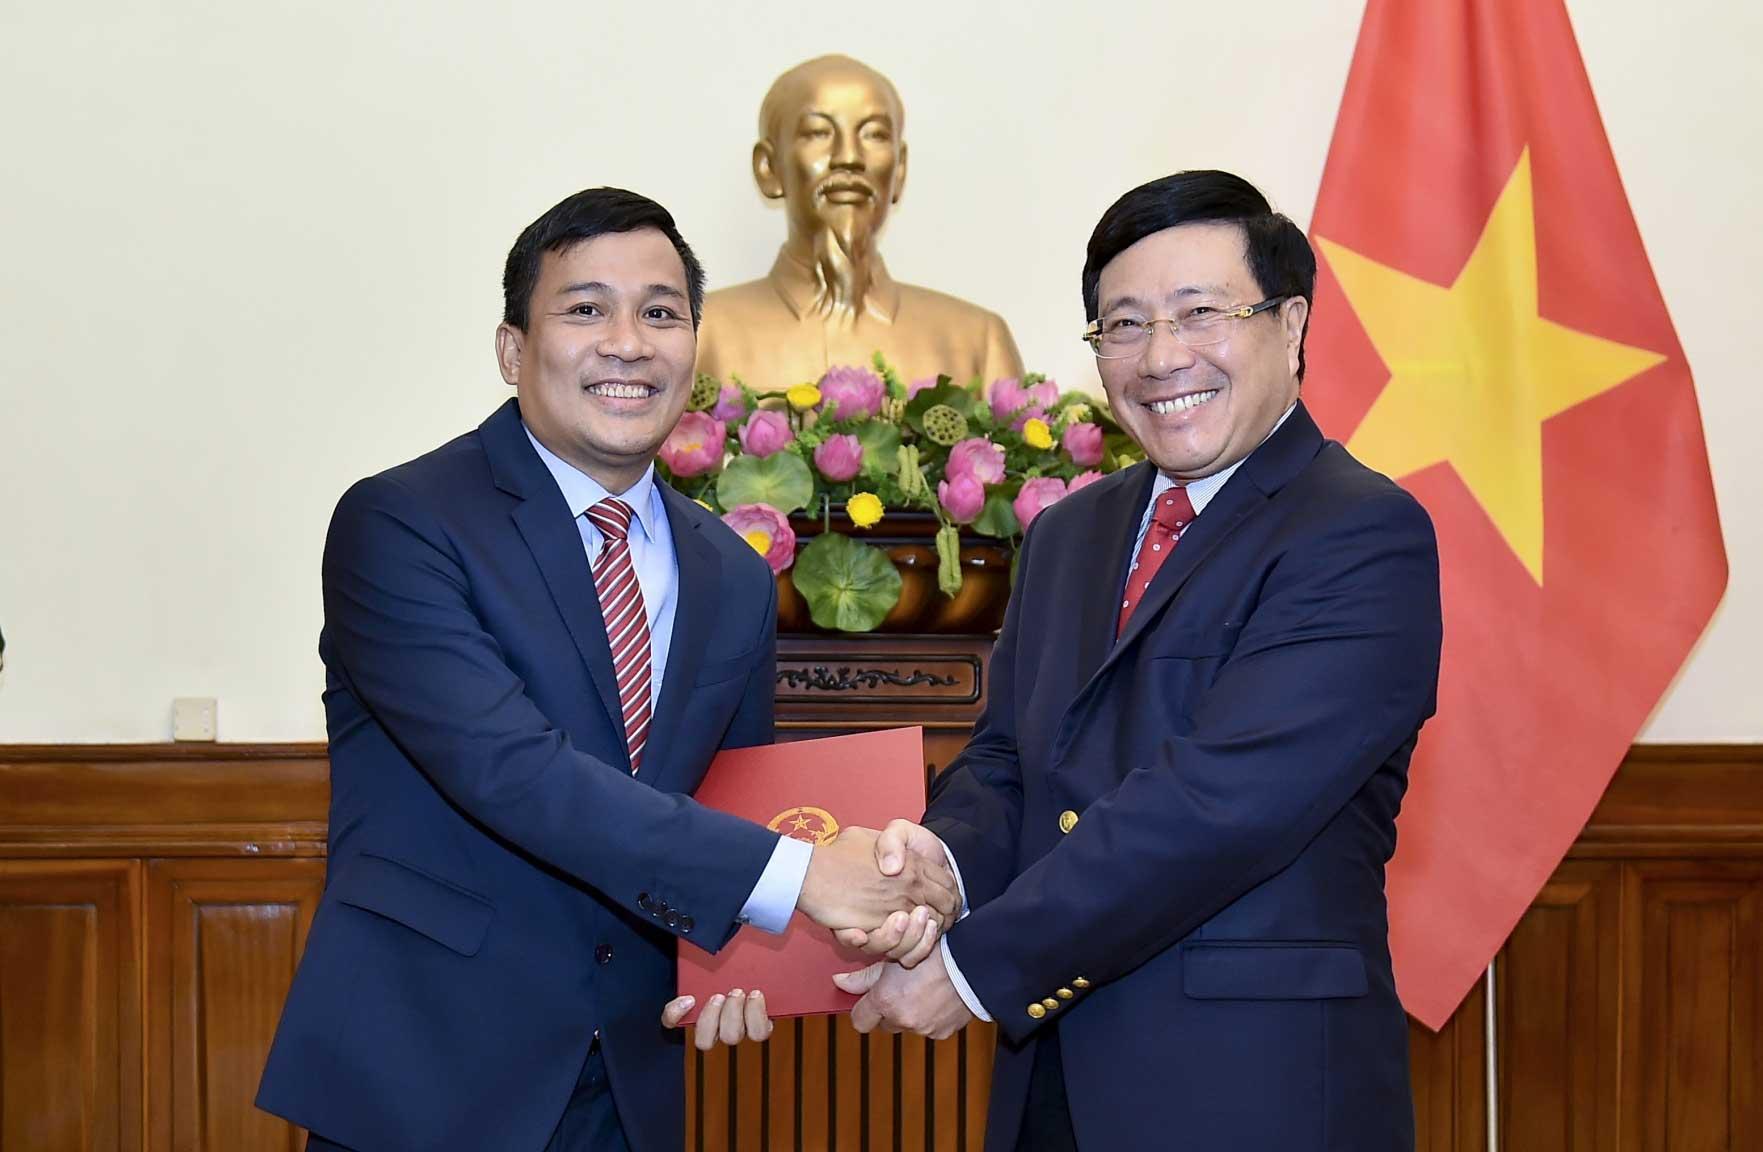 Trao quyết định bổ nhiệm Thứ trưởng Bộ Ngoại giao